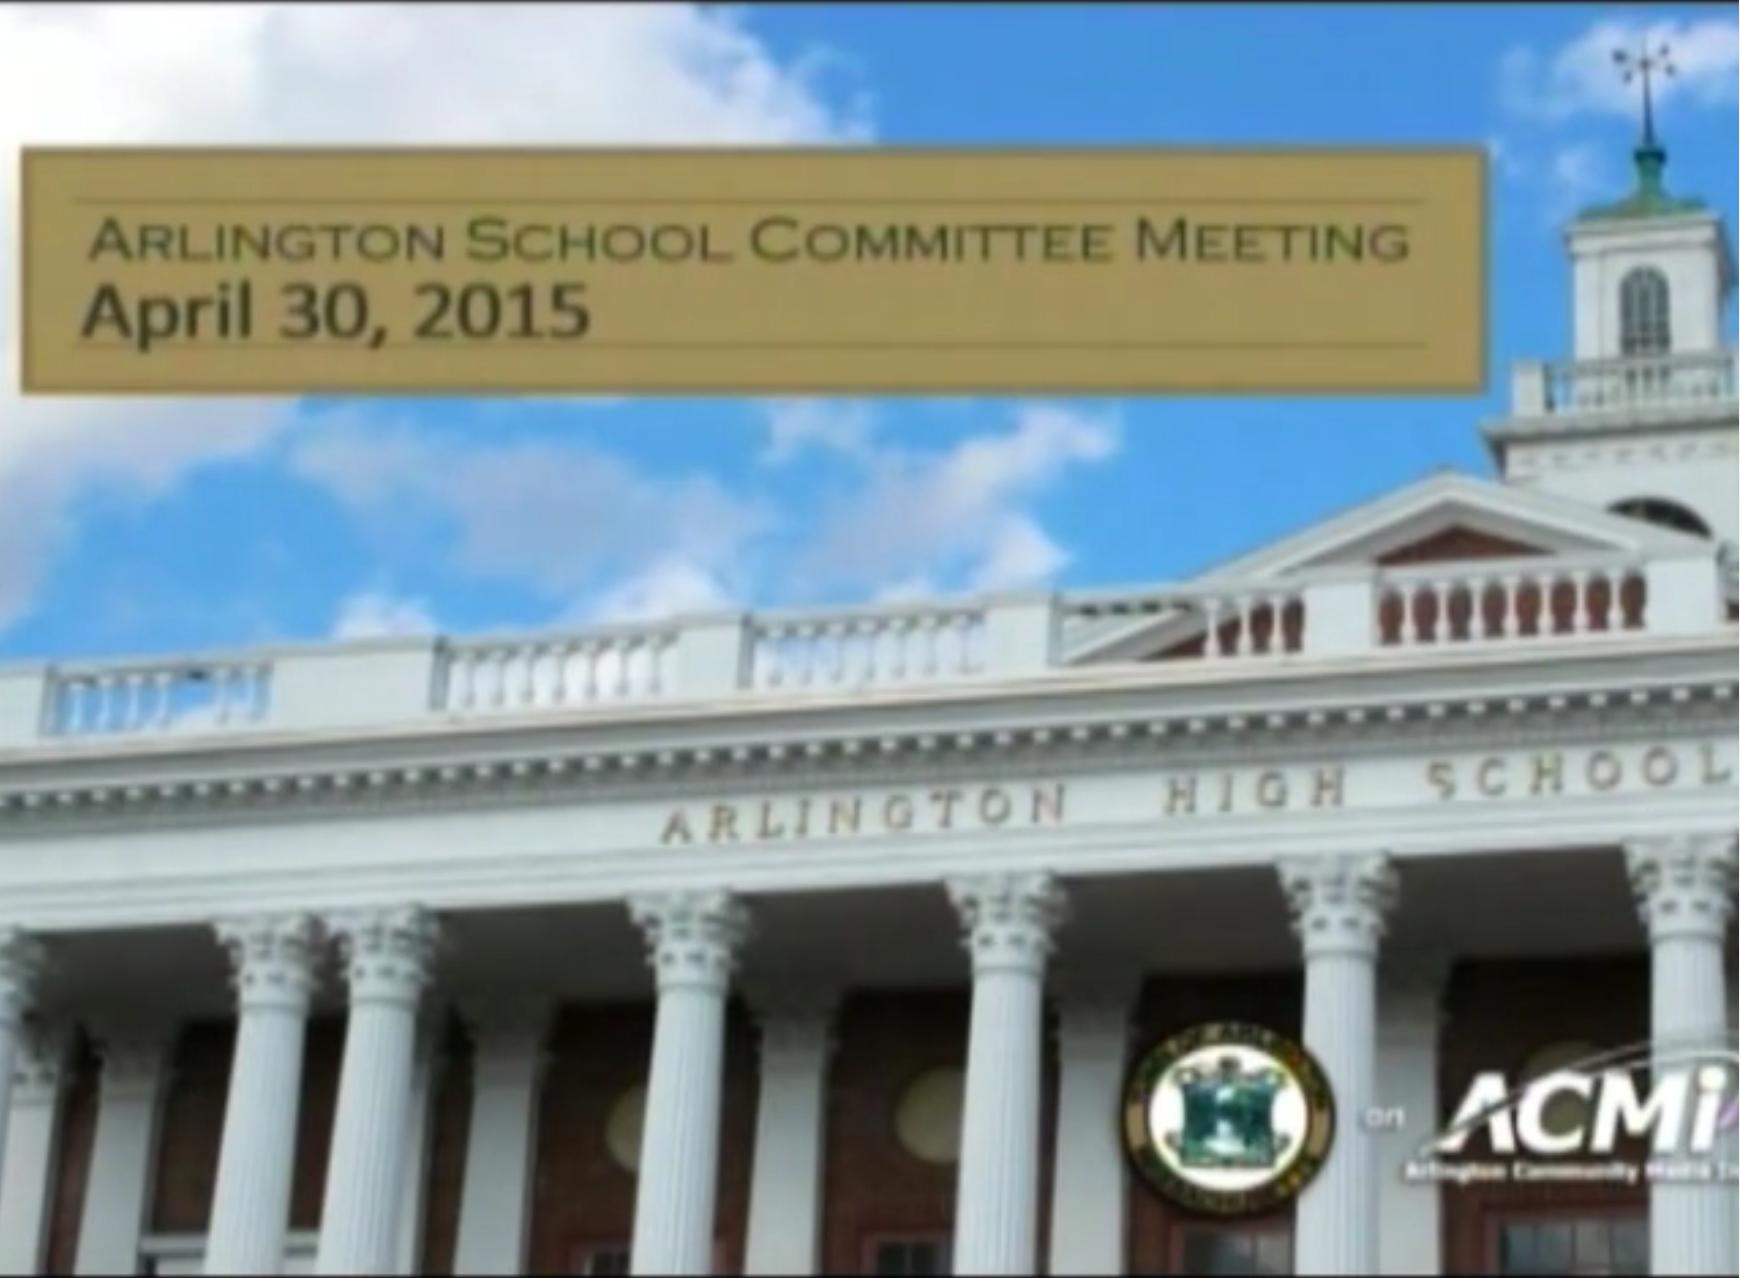 School Committee Meeting – April 30, 2015